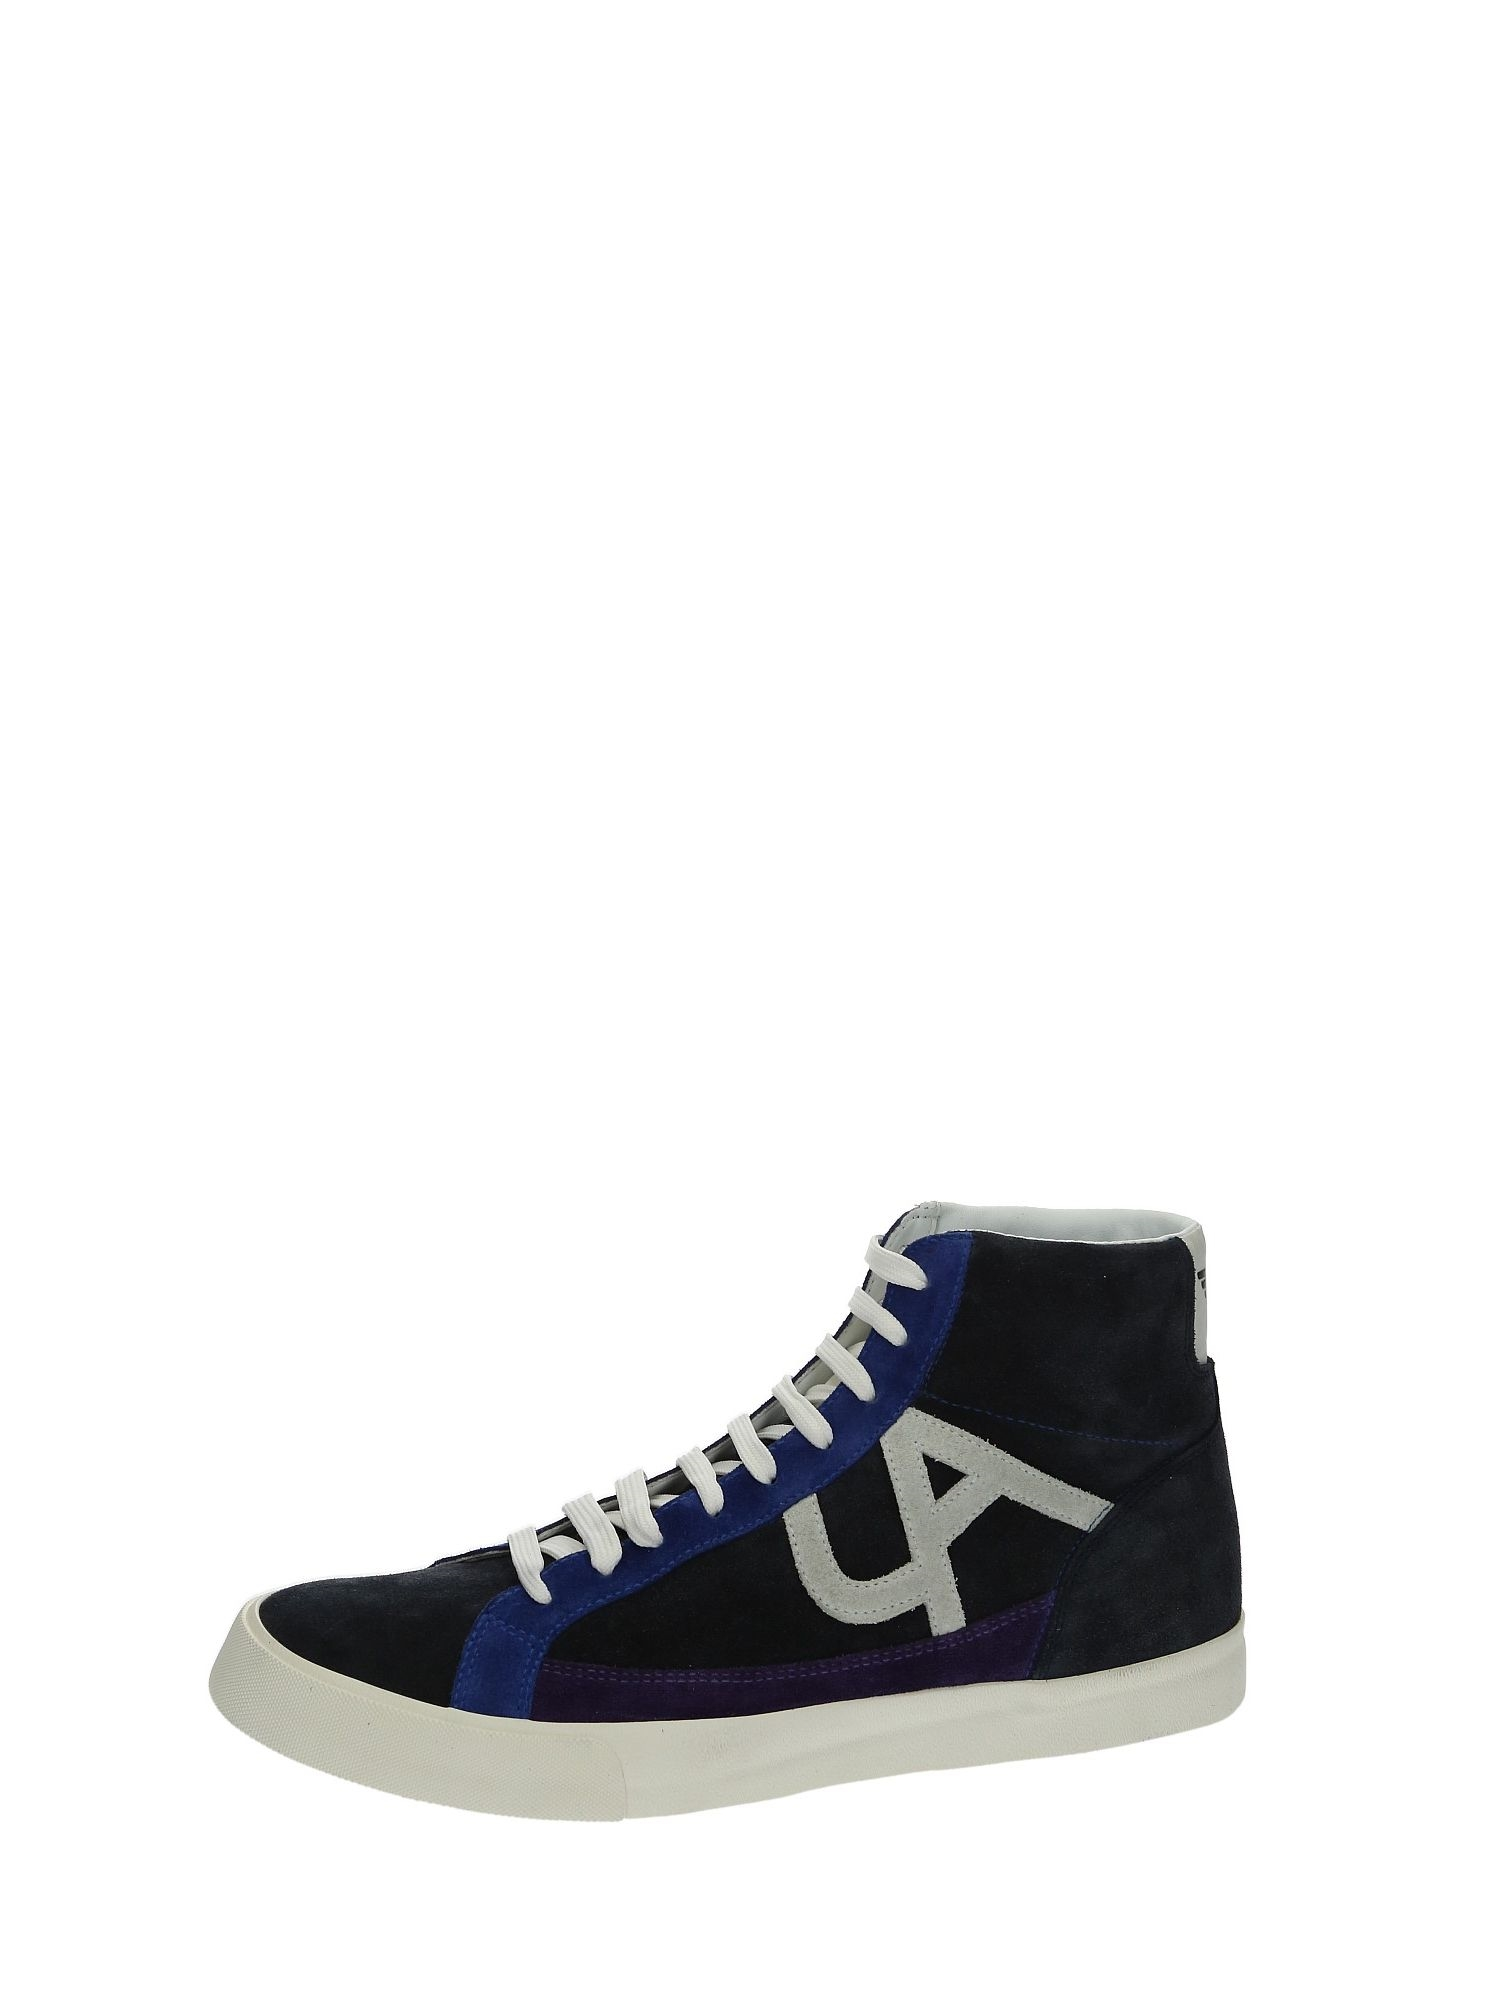 Armani Jeans U6526 Blu Scarpe Uomo Sneakers 688250f4eab